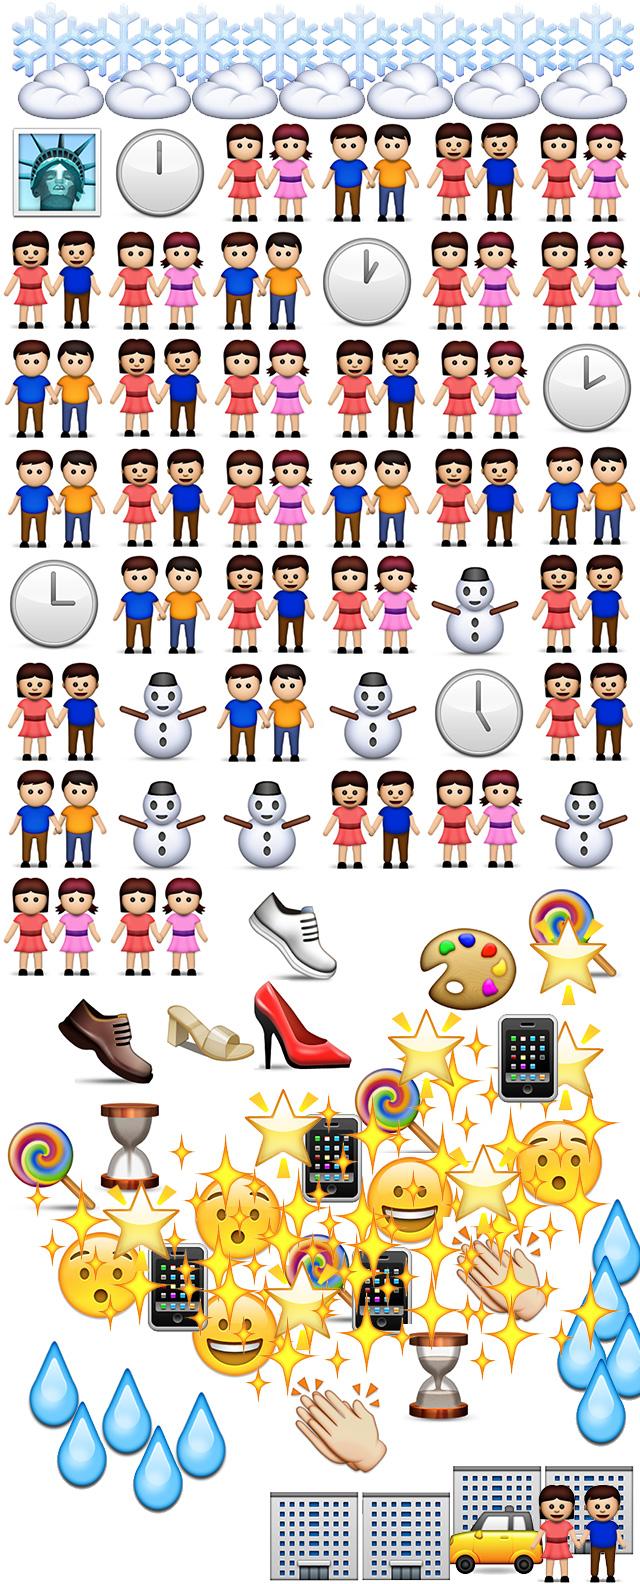 kusama-emoji-640-2